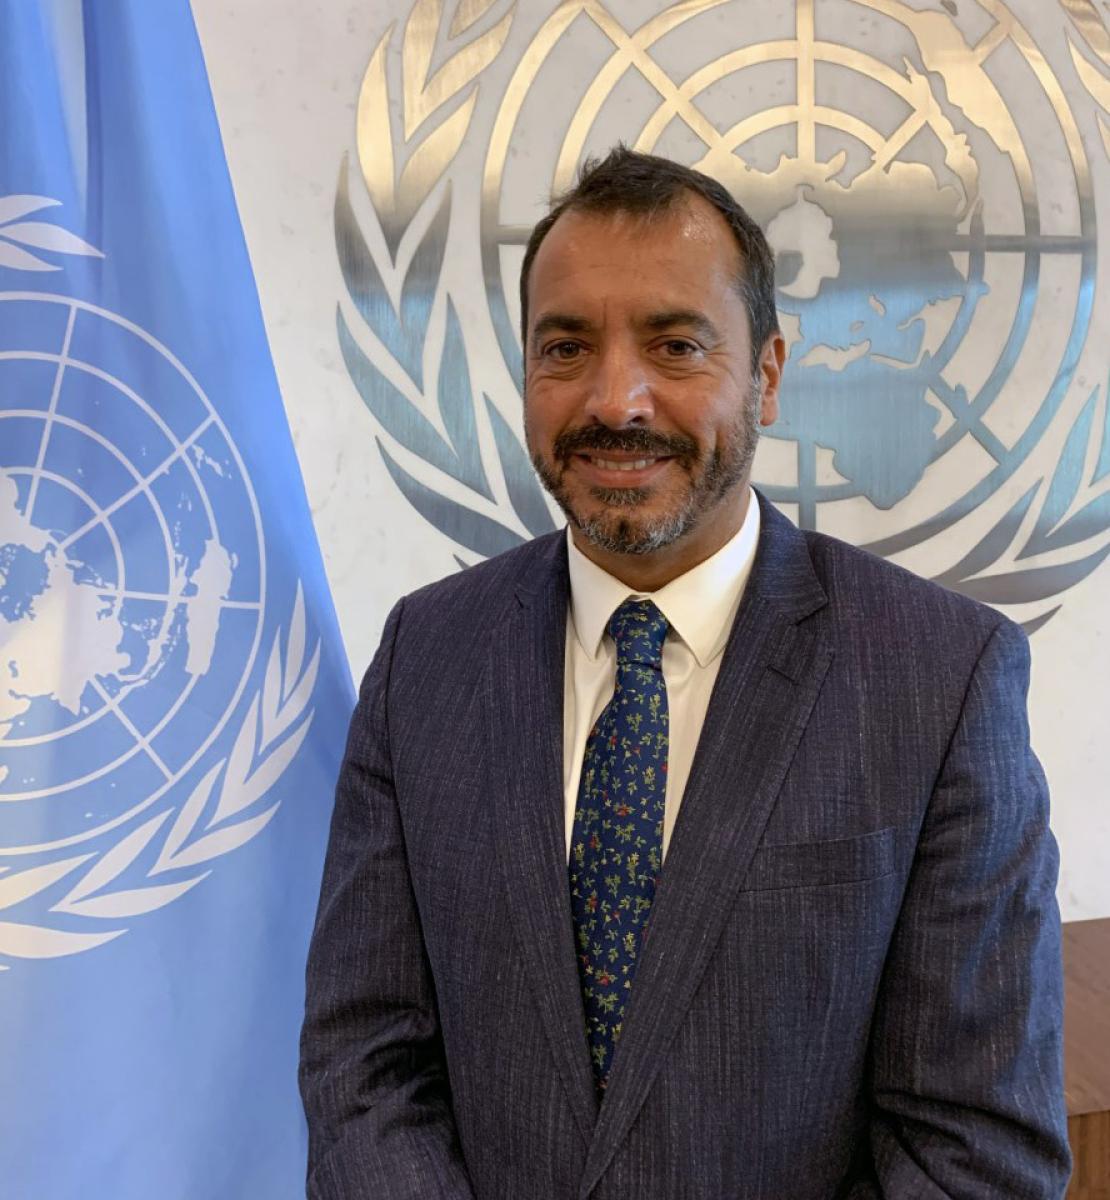 Foto oficial del nuevo Coordinador Residente designado para Argelia, Alejandro Álvarez.